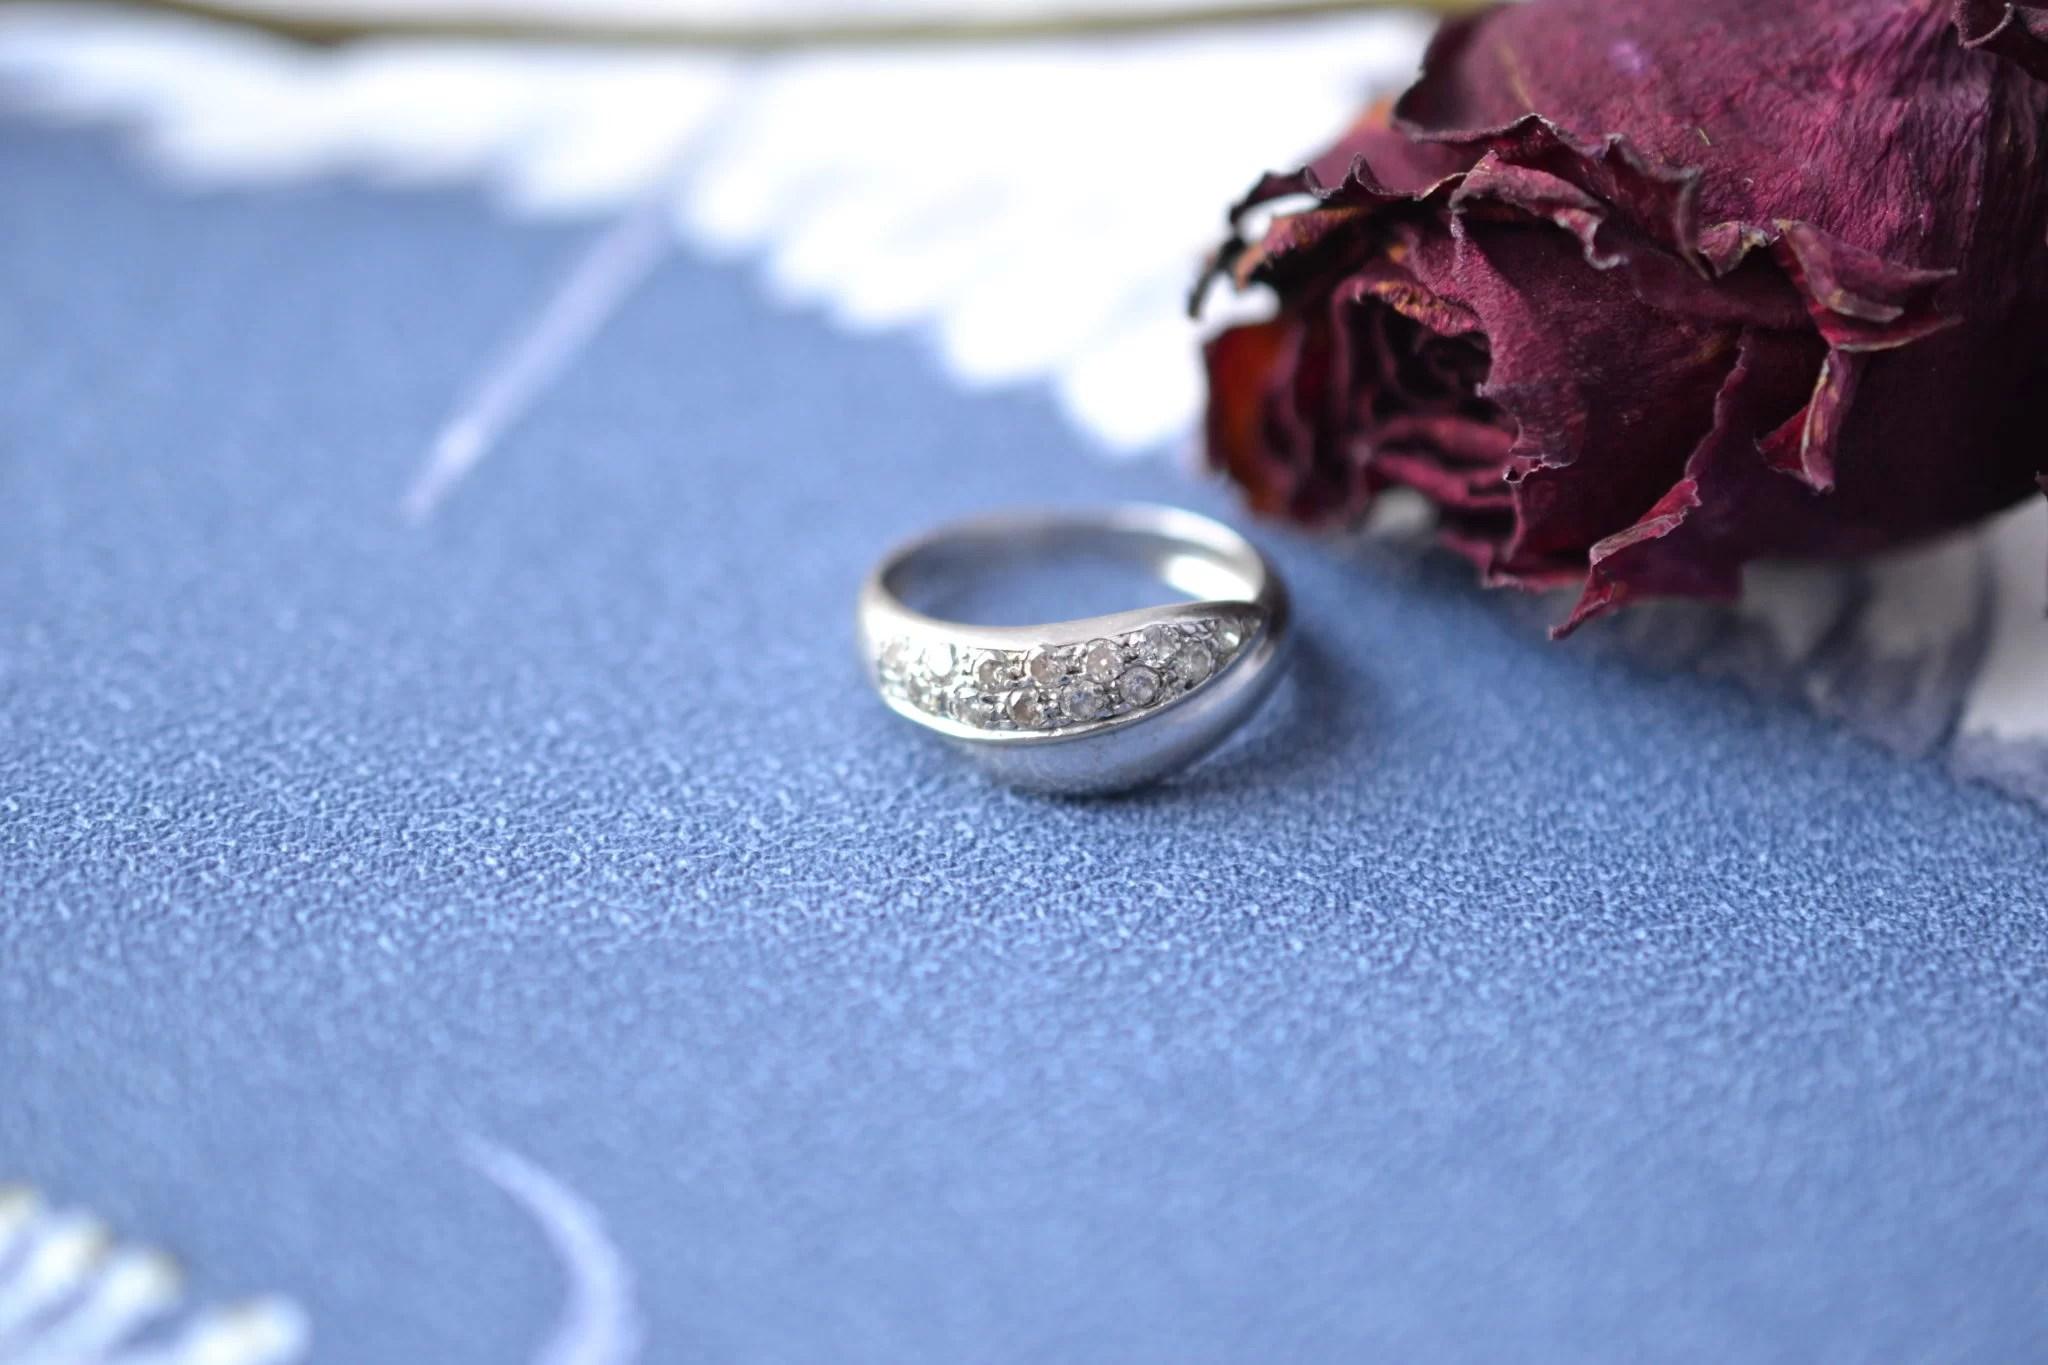 Bague lien croisé en Or rhodié sertie de diamants - bague éthique